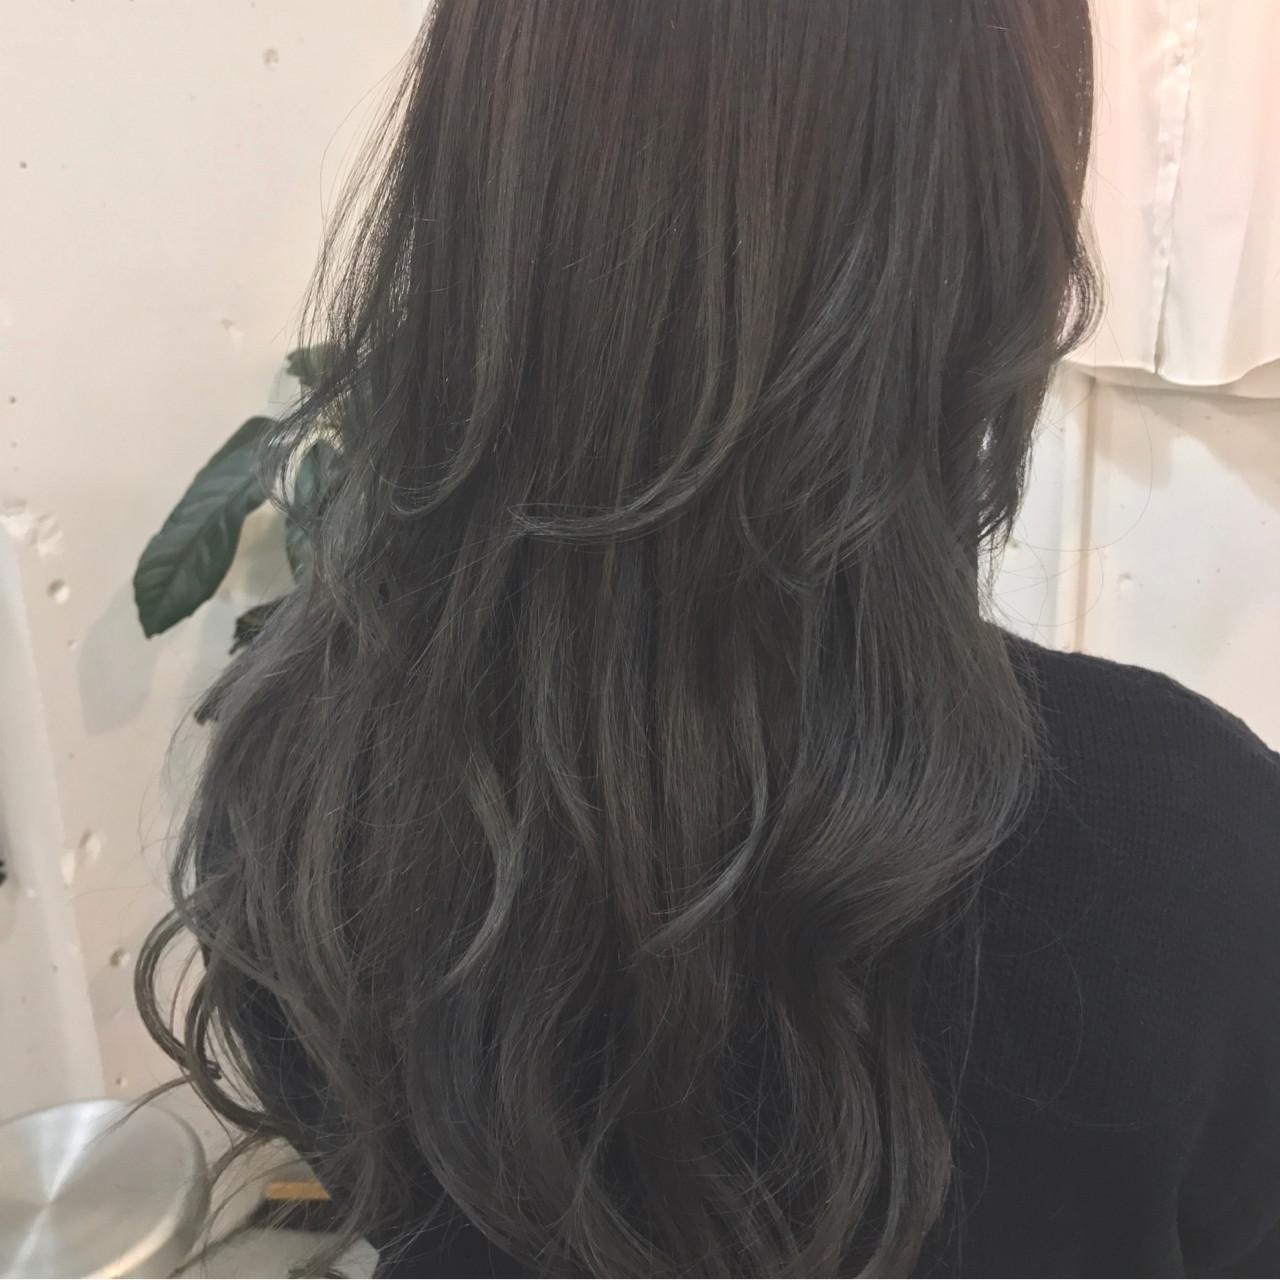 グラデーションカラー ナチュラル 外国人風 ゆるふわ ヘアスタイルや髪型の写真・画像 | sowi 阿部 辰也 / sowi hair design ソーイ